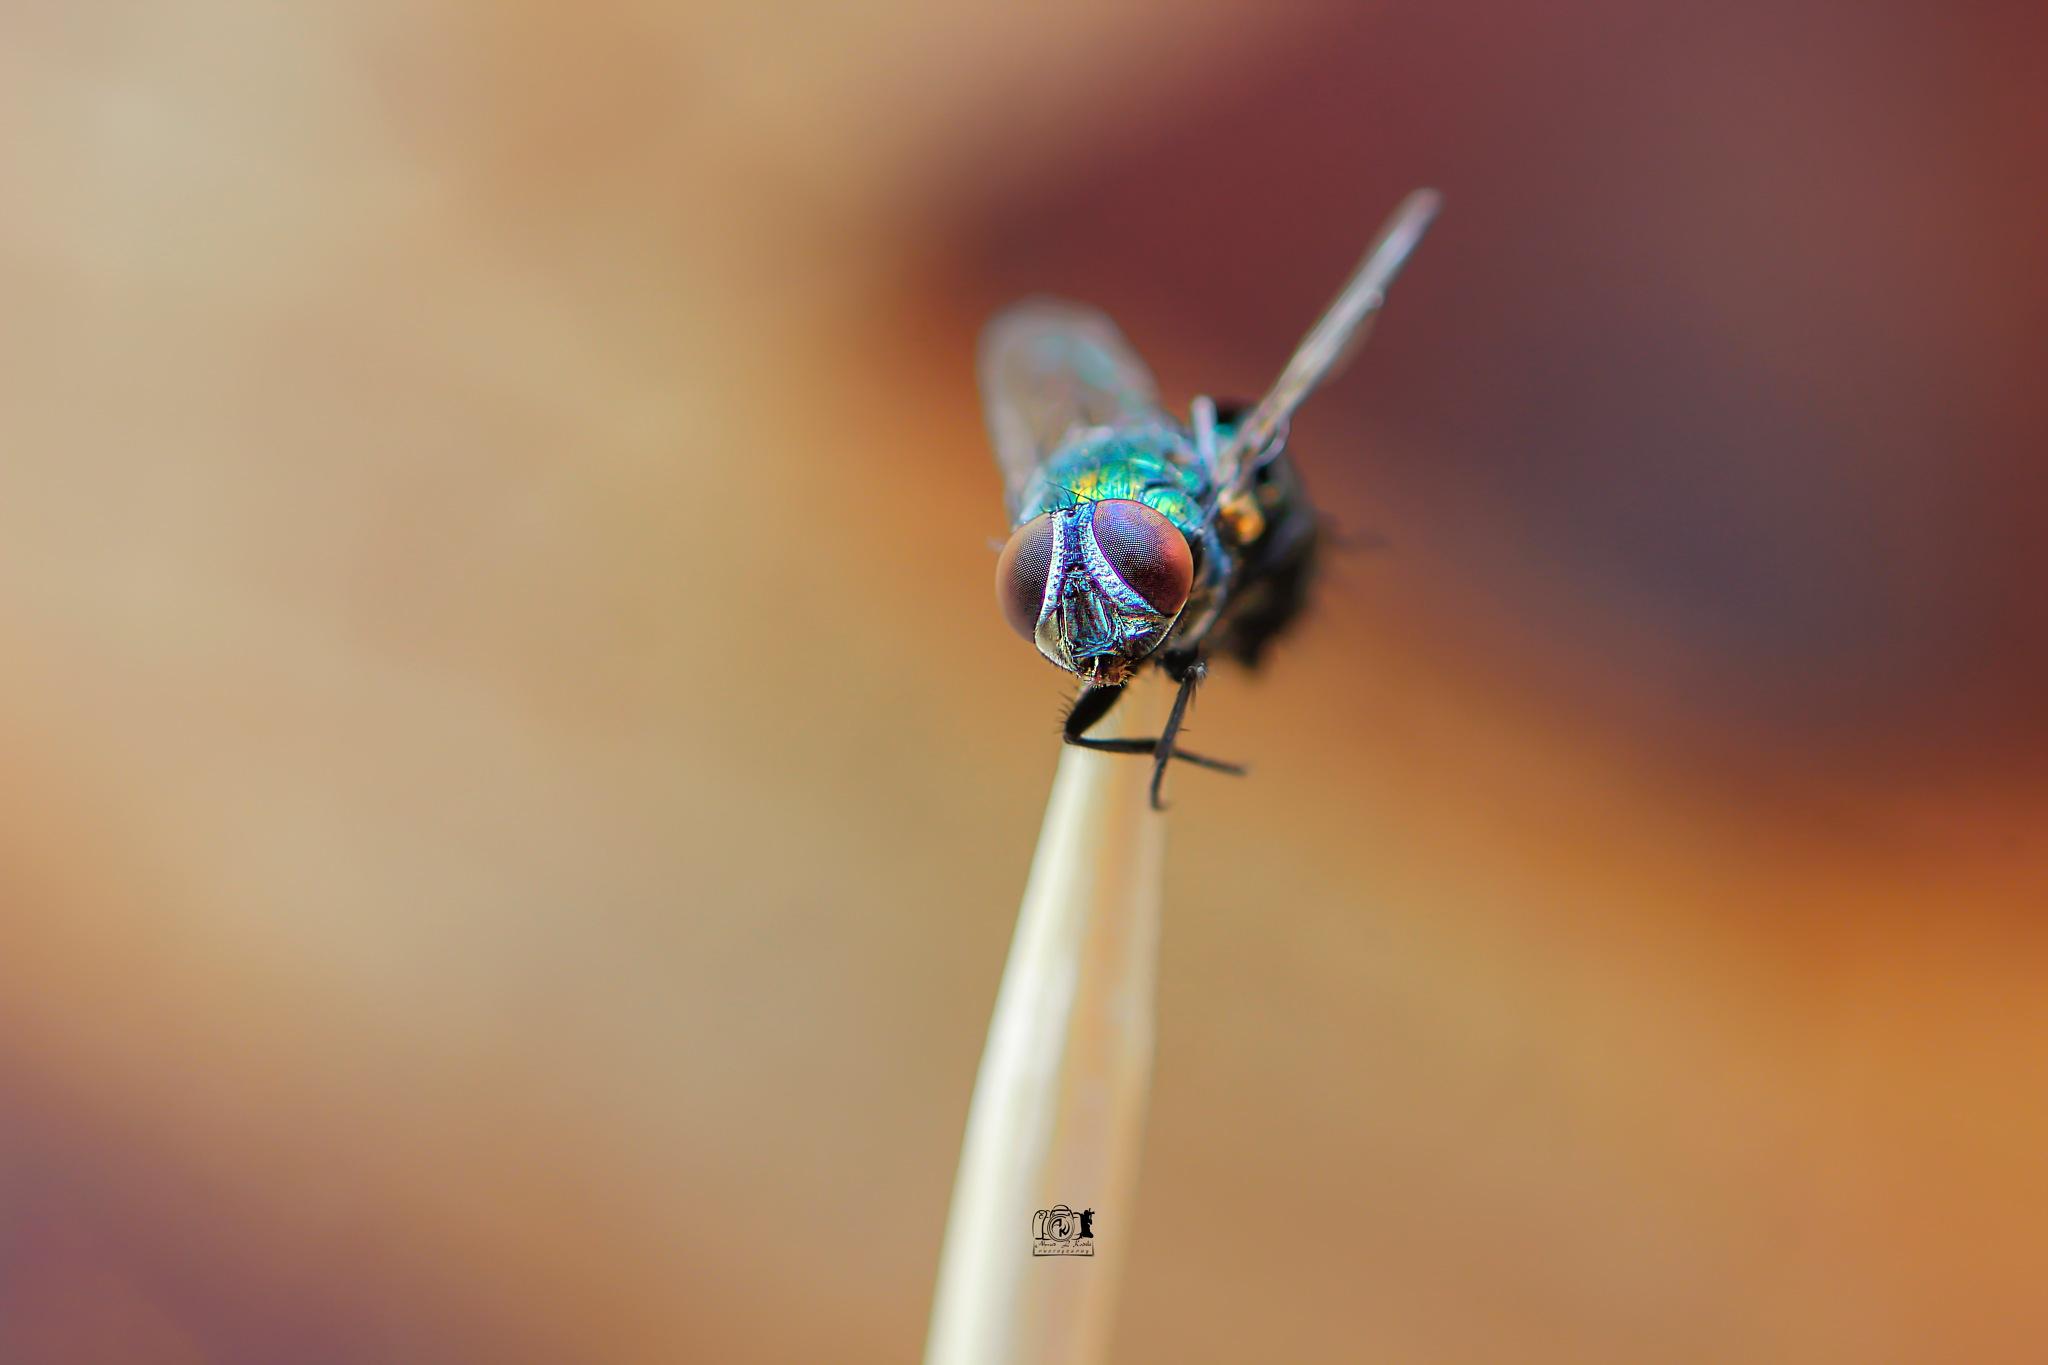 fly  by Ahmed L kadiki أحمد الكاديكي